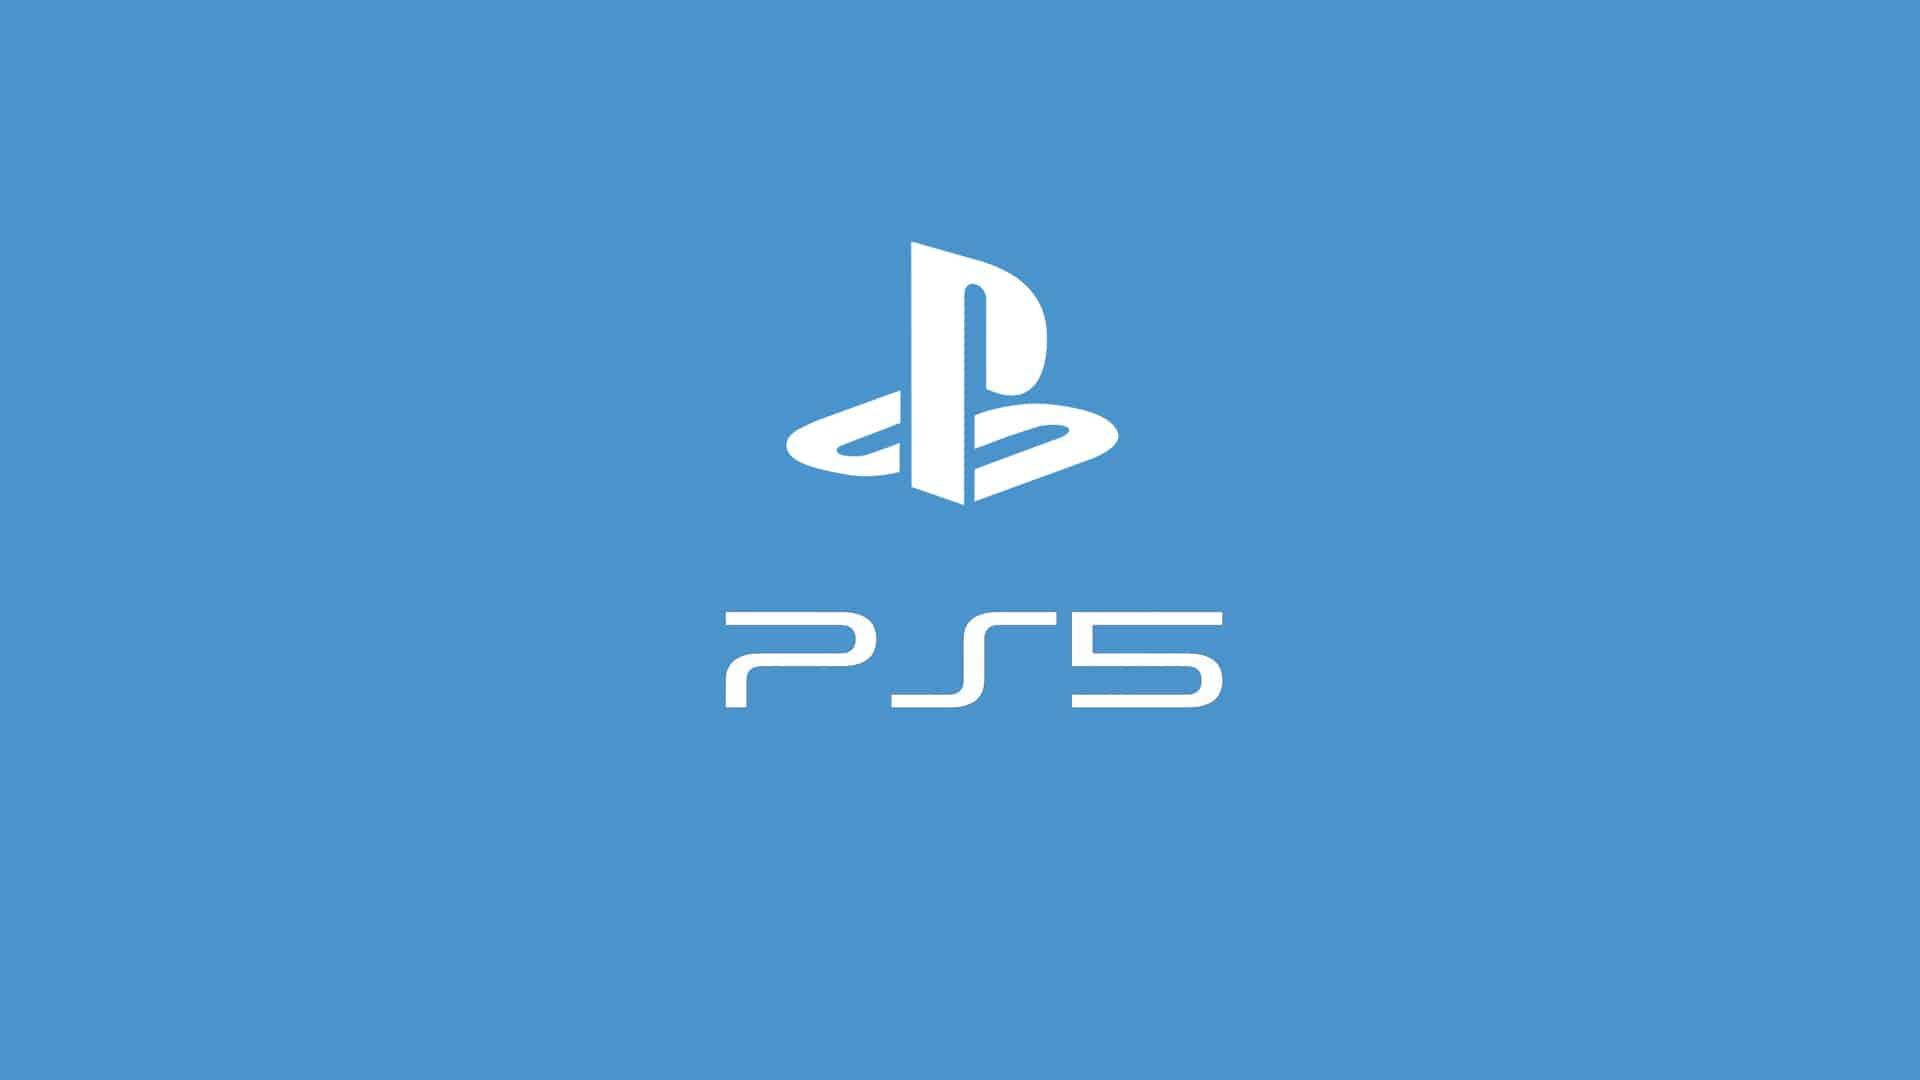 PS5 : Sony pourrait proposer deux modèles et deux coloris